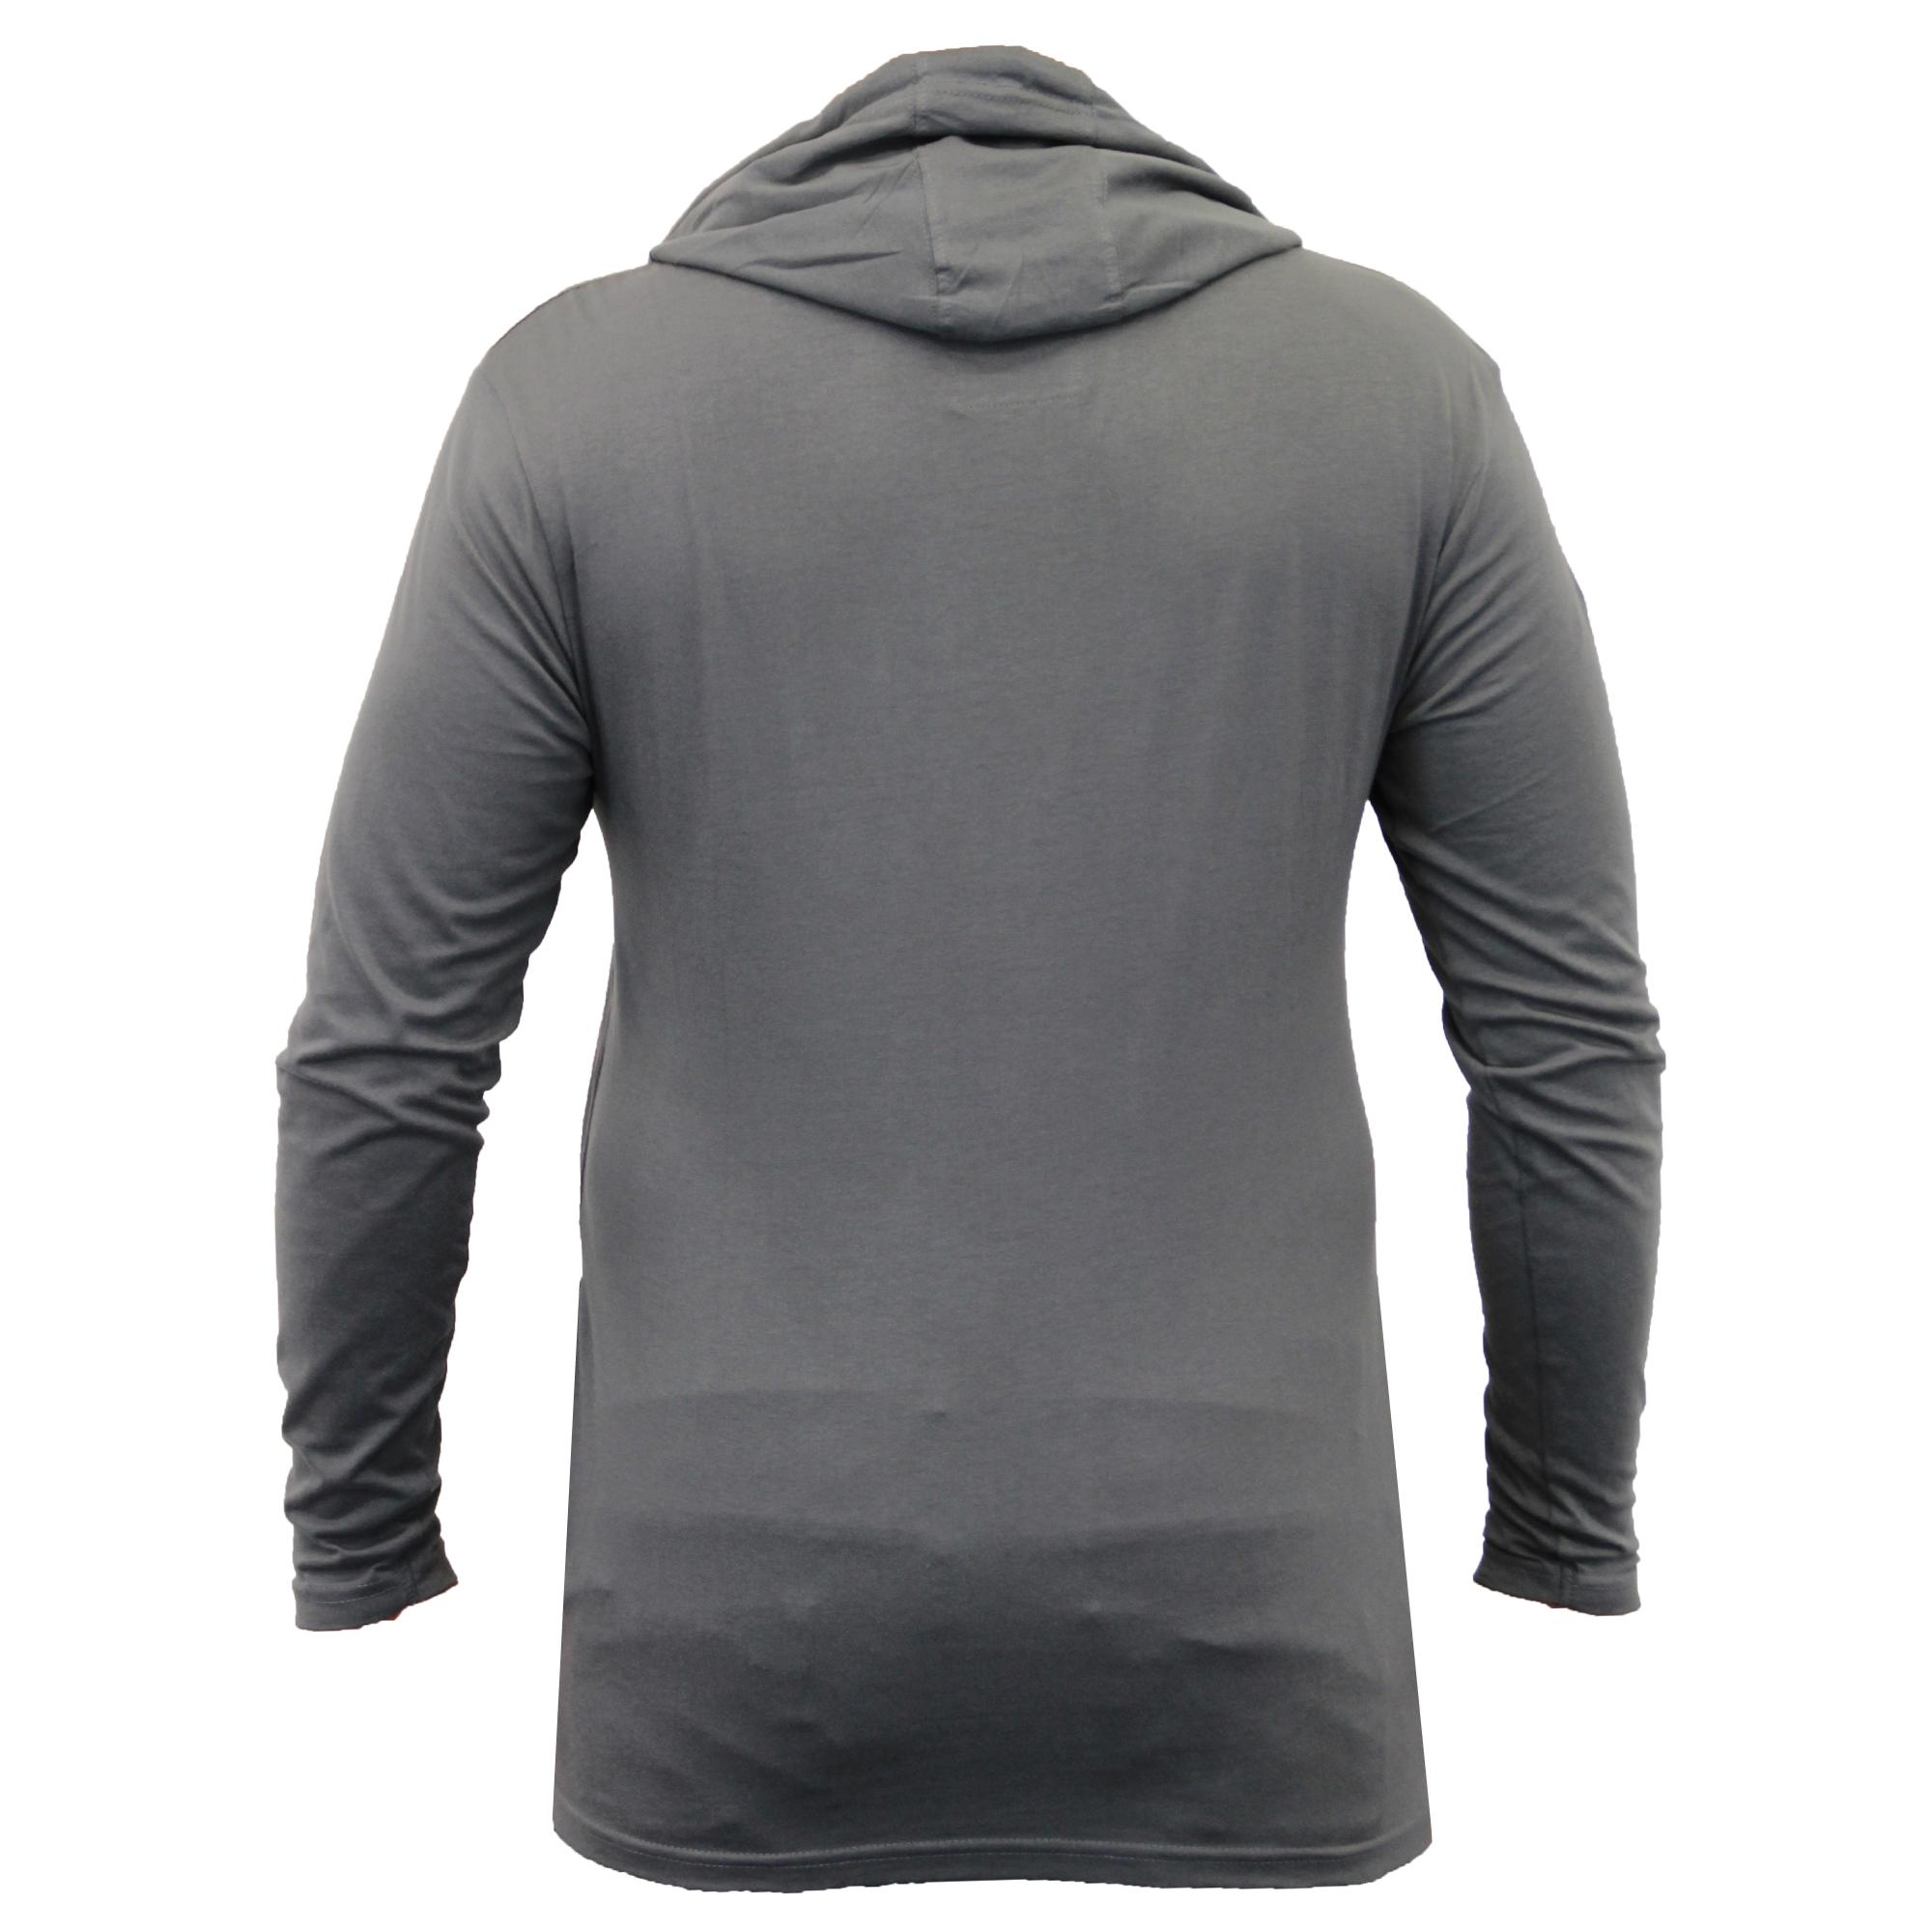 herren lange linie mit kapuze jersey oberteil soul star halbrunder saum t shirt ebay. Black Bedroom Furniture Sets. Home Design Ideas